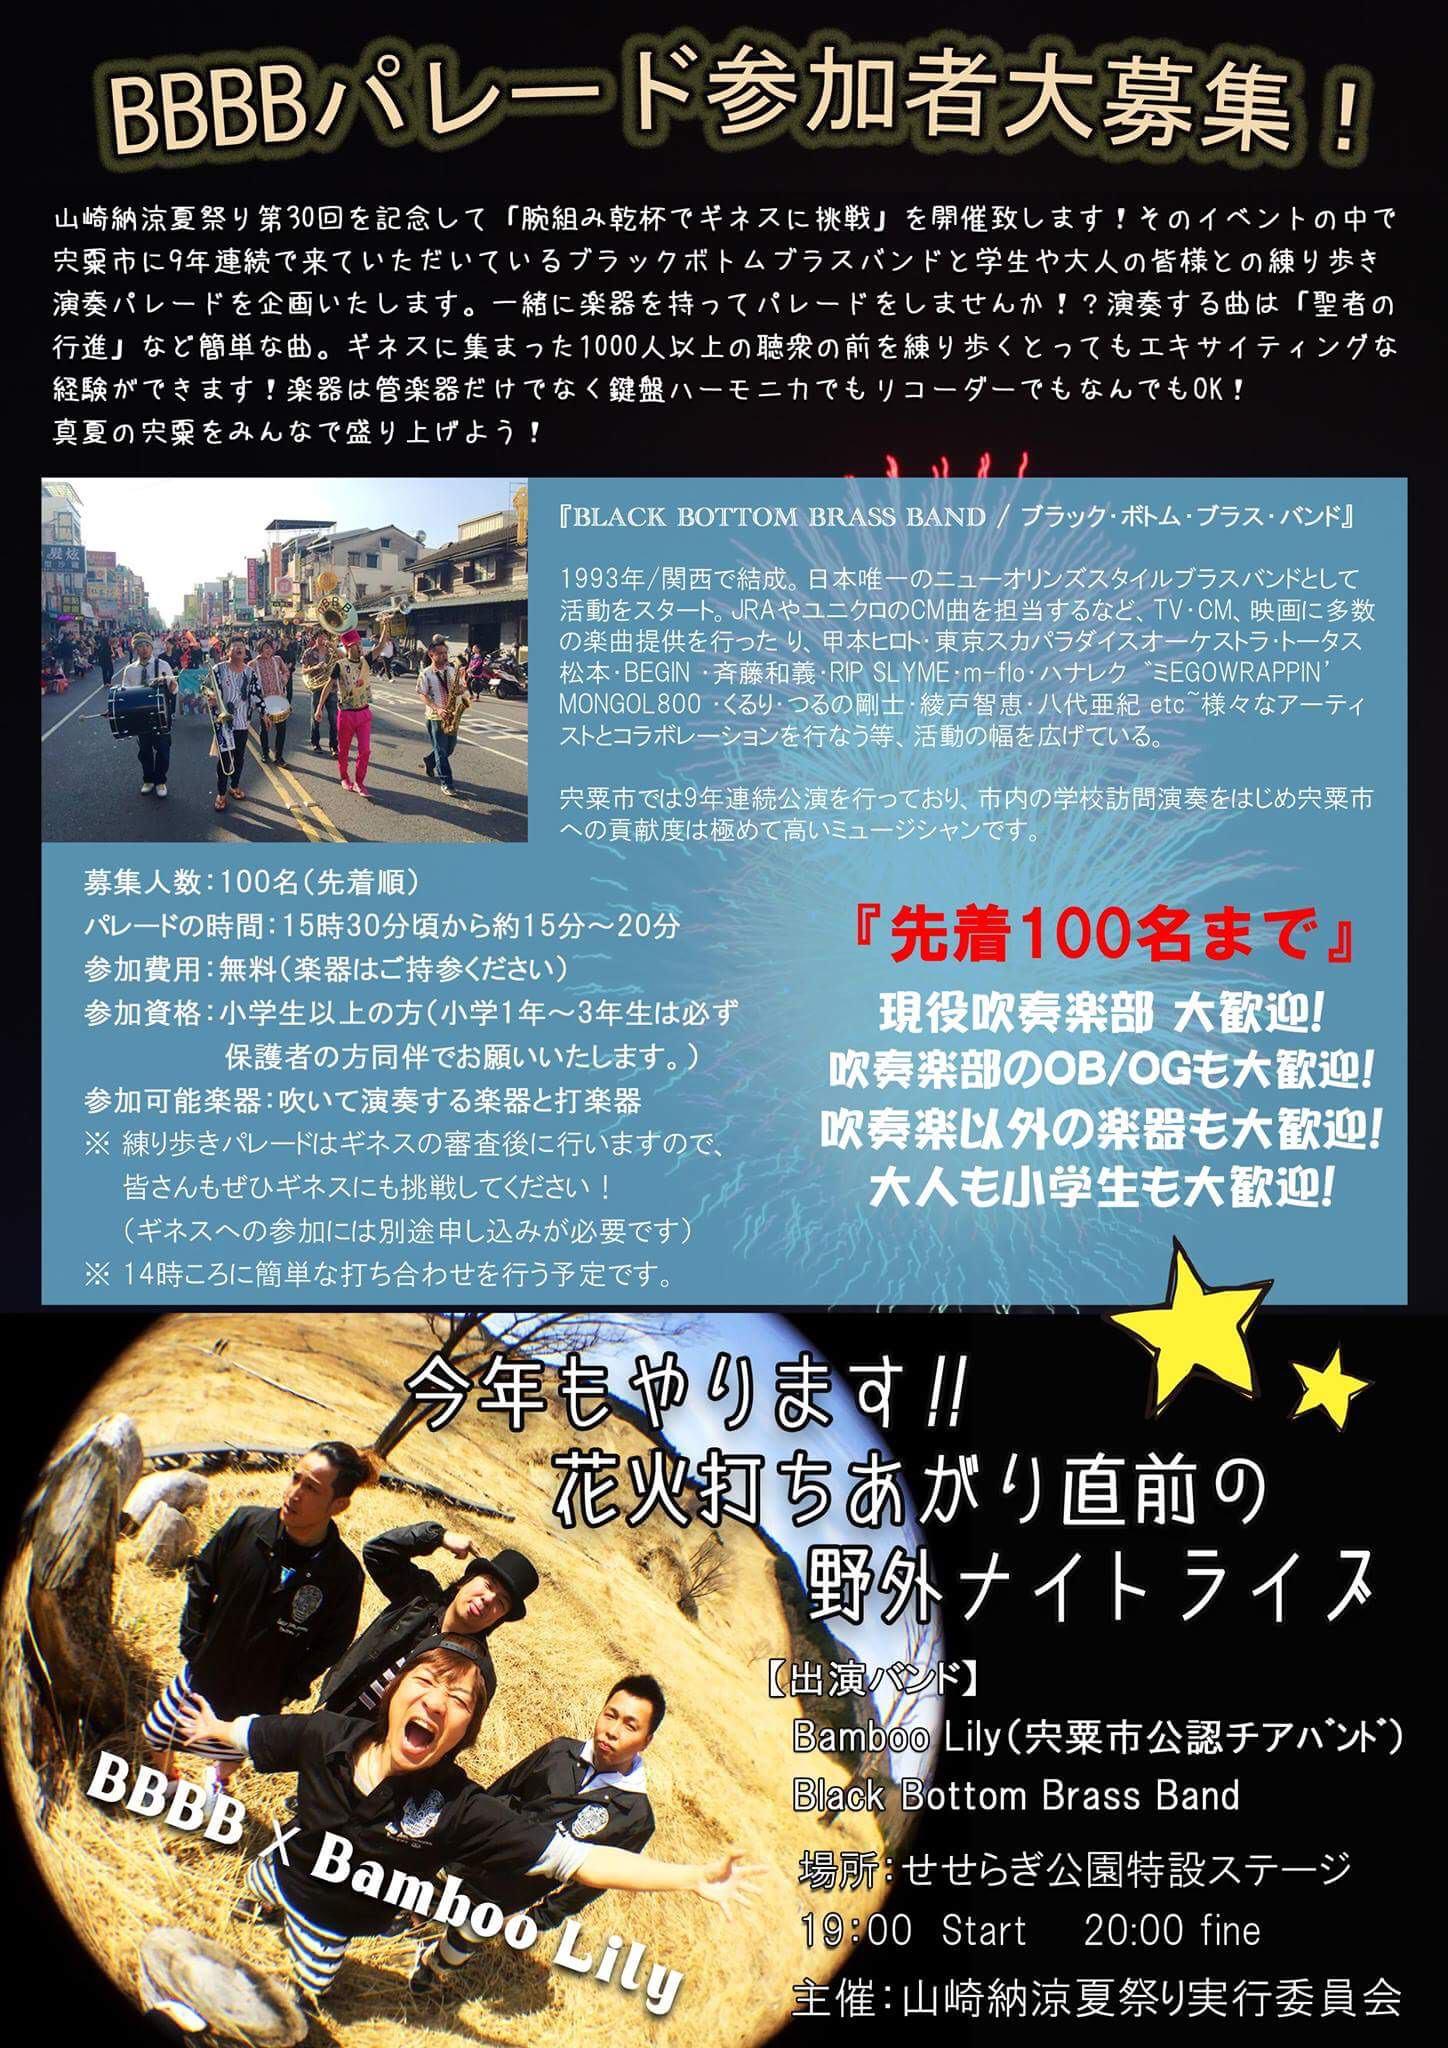 第30回山崎納涼夏祭りイベントBBBBパレードパンフレット